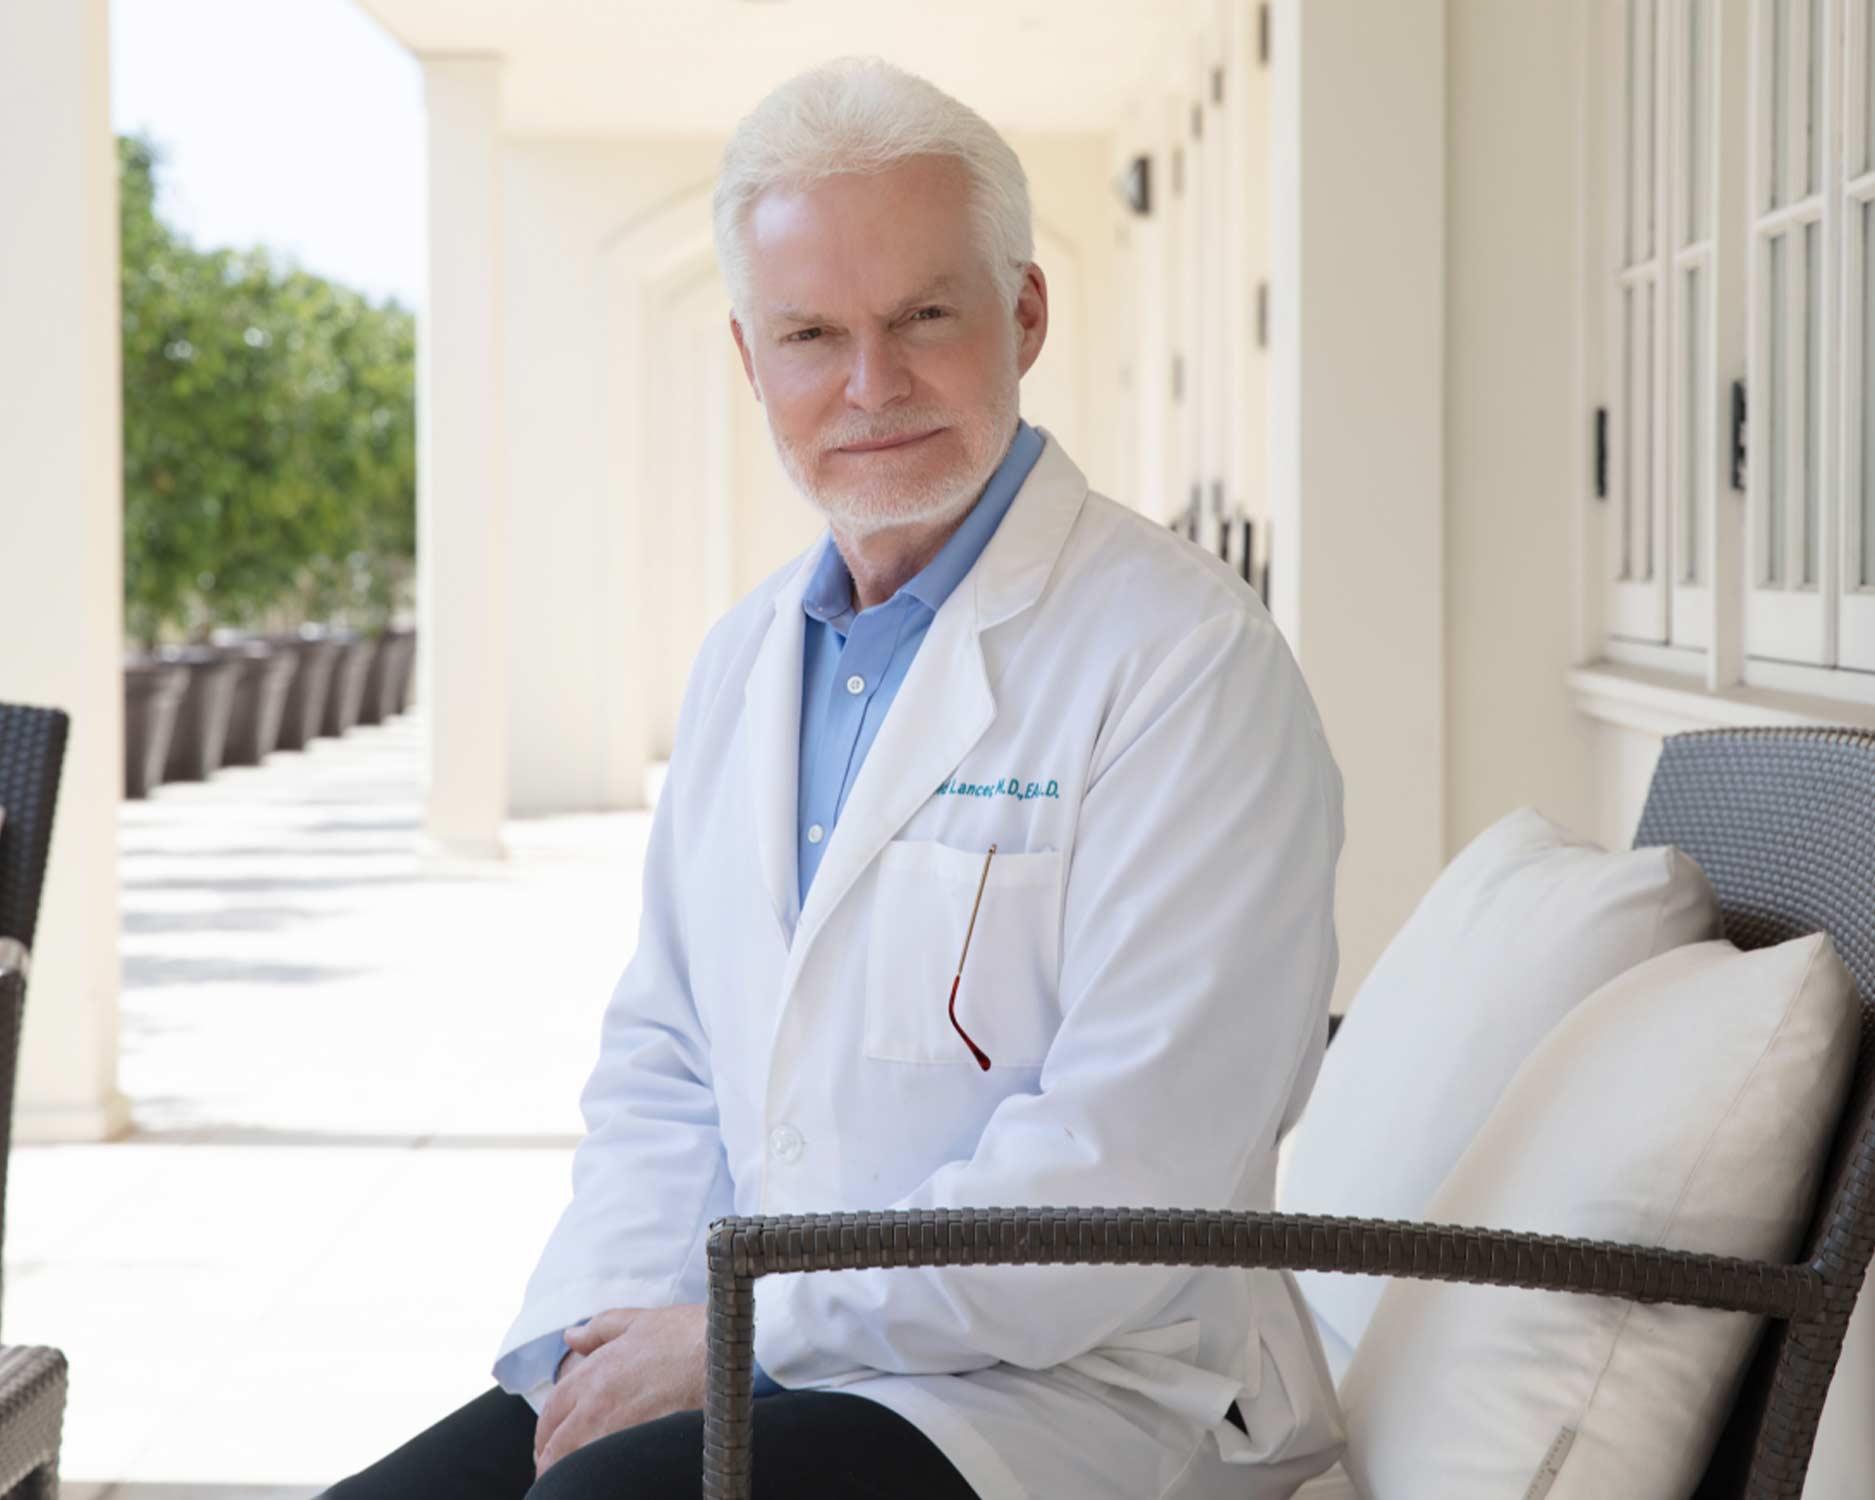 Dr. Lancer